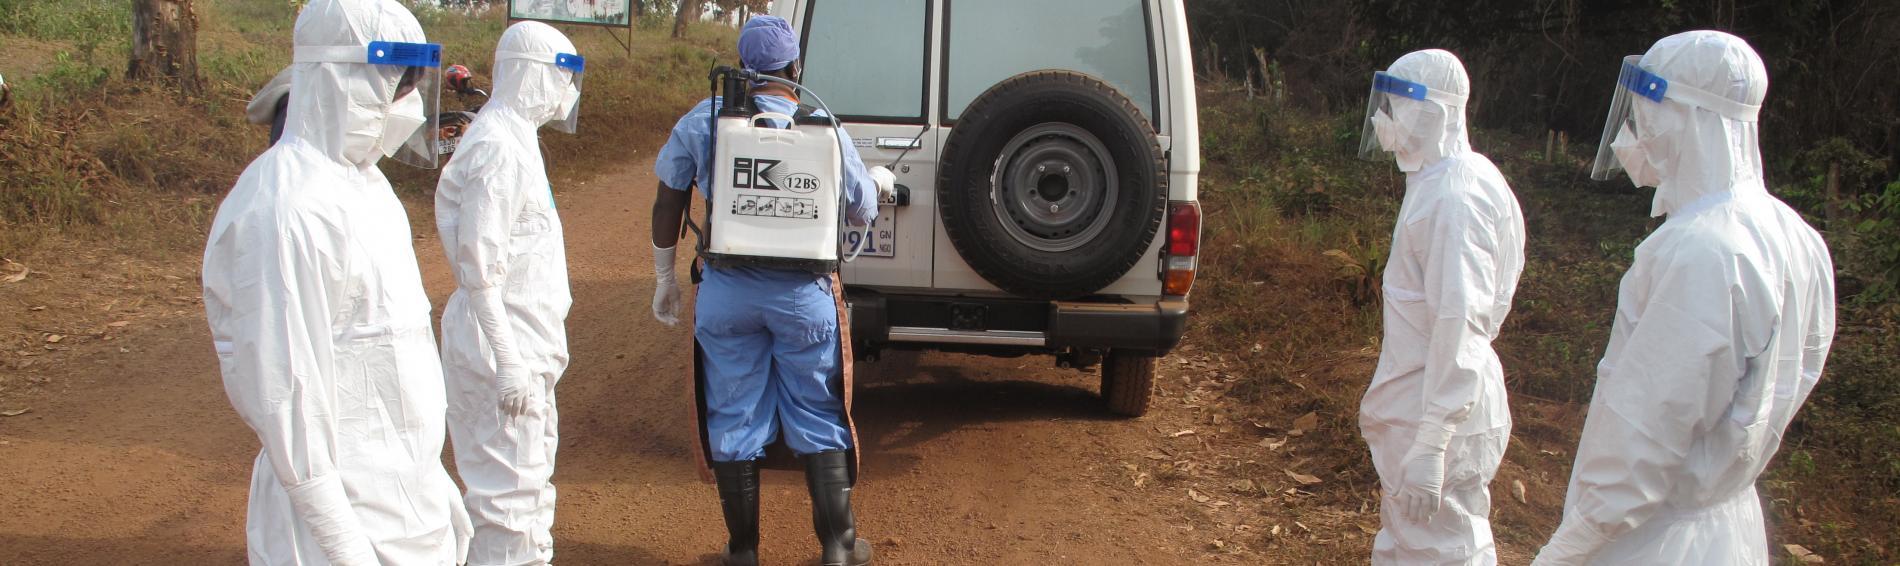 Ein Ebola Behandlungszentrum in Sierra Leone